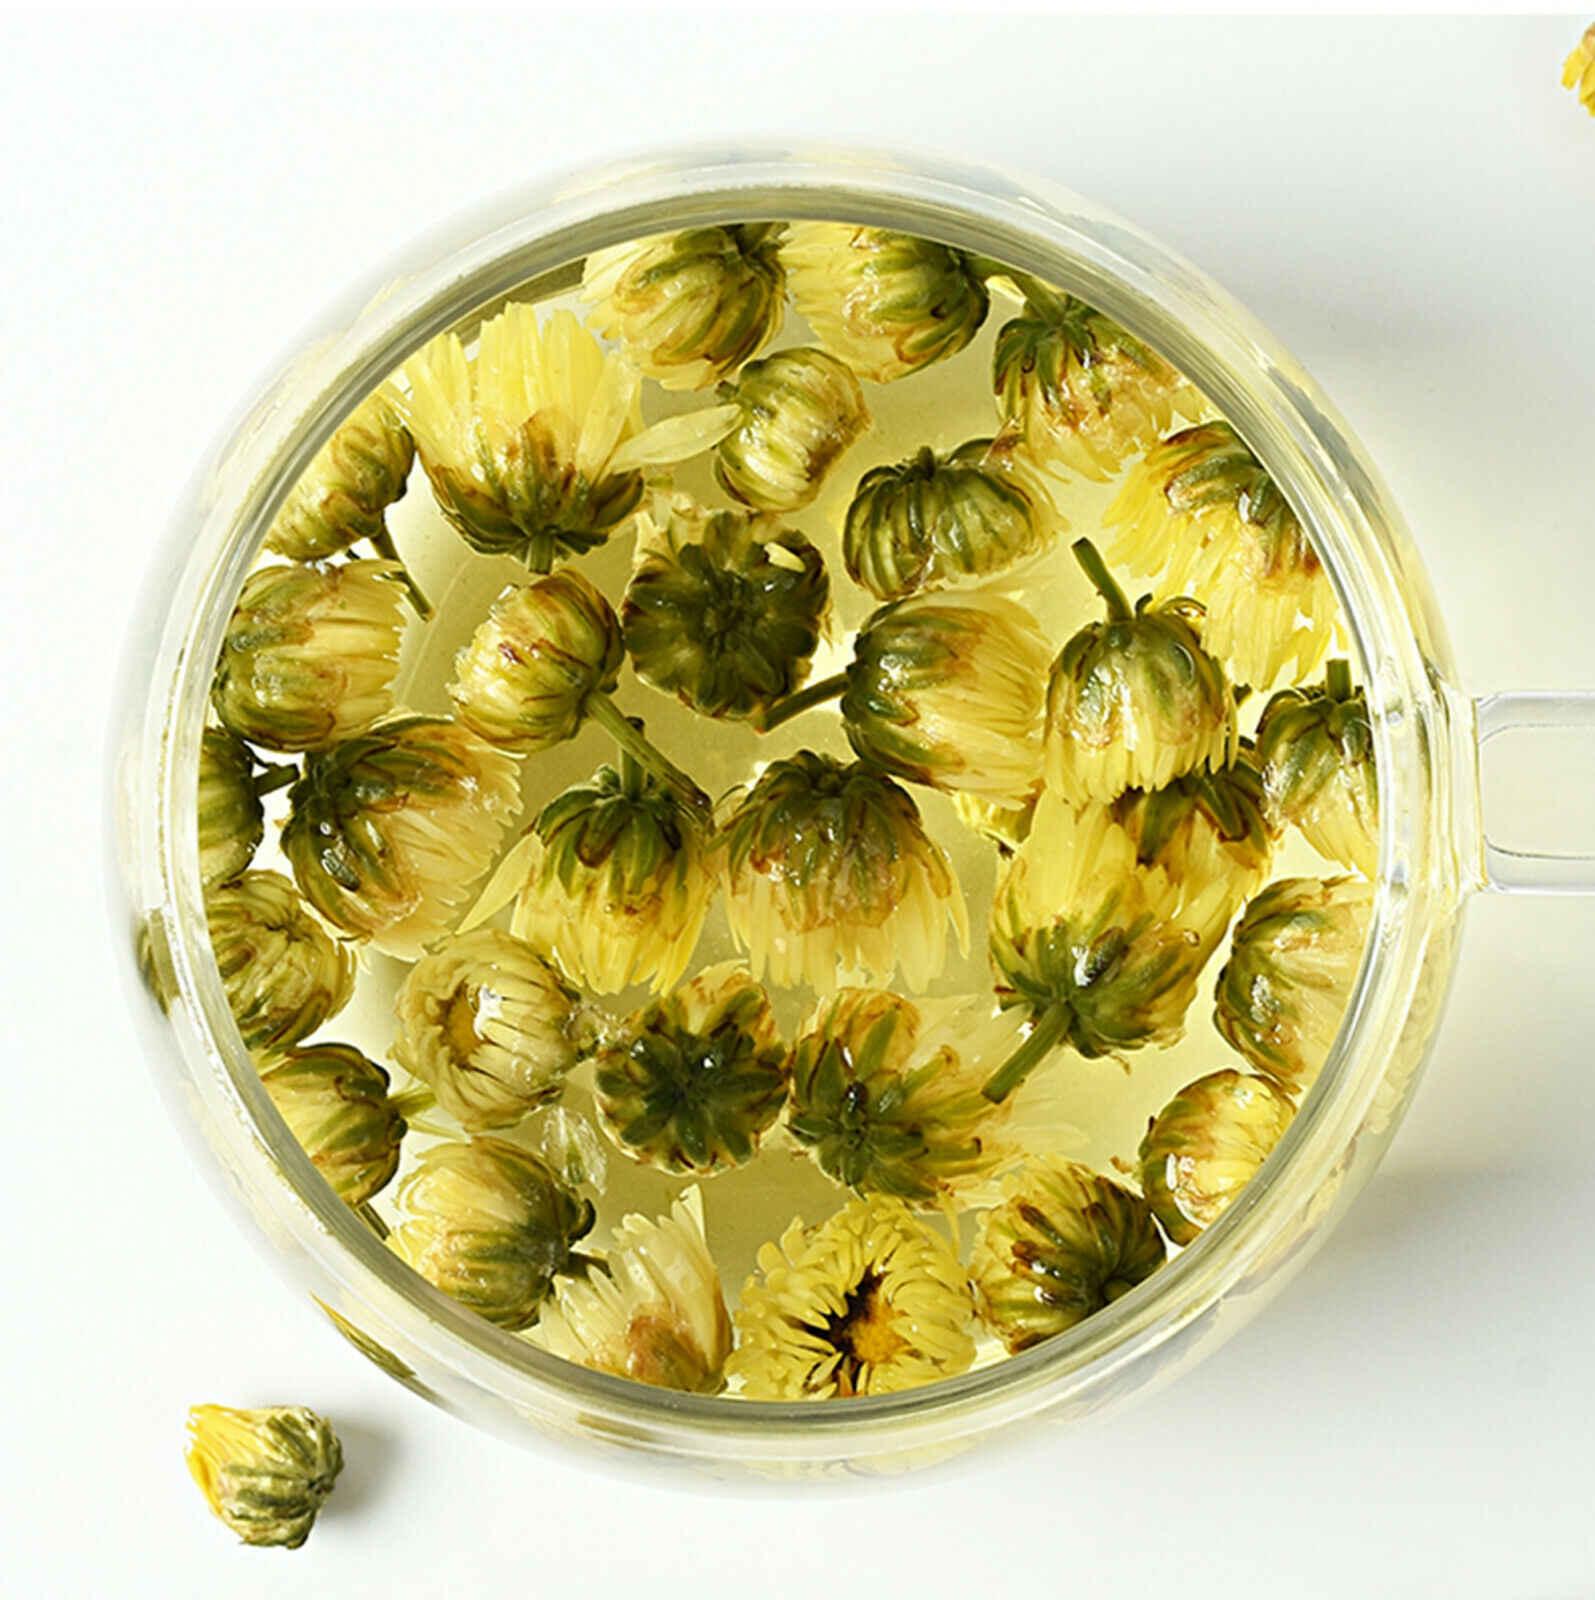 200g Chrysanthemum Flower Tea Organic Tea Loose Dried Blooming Herbal Tea Health